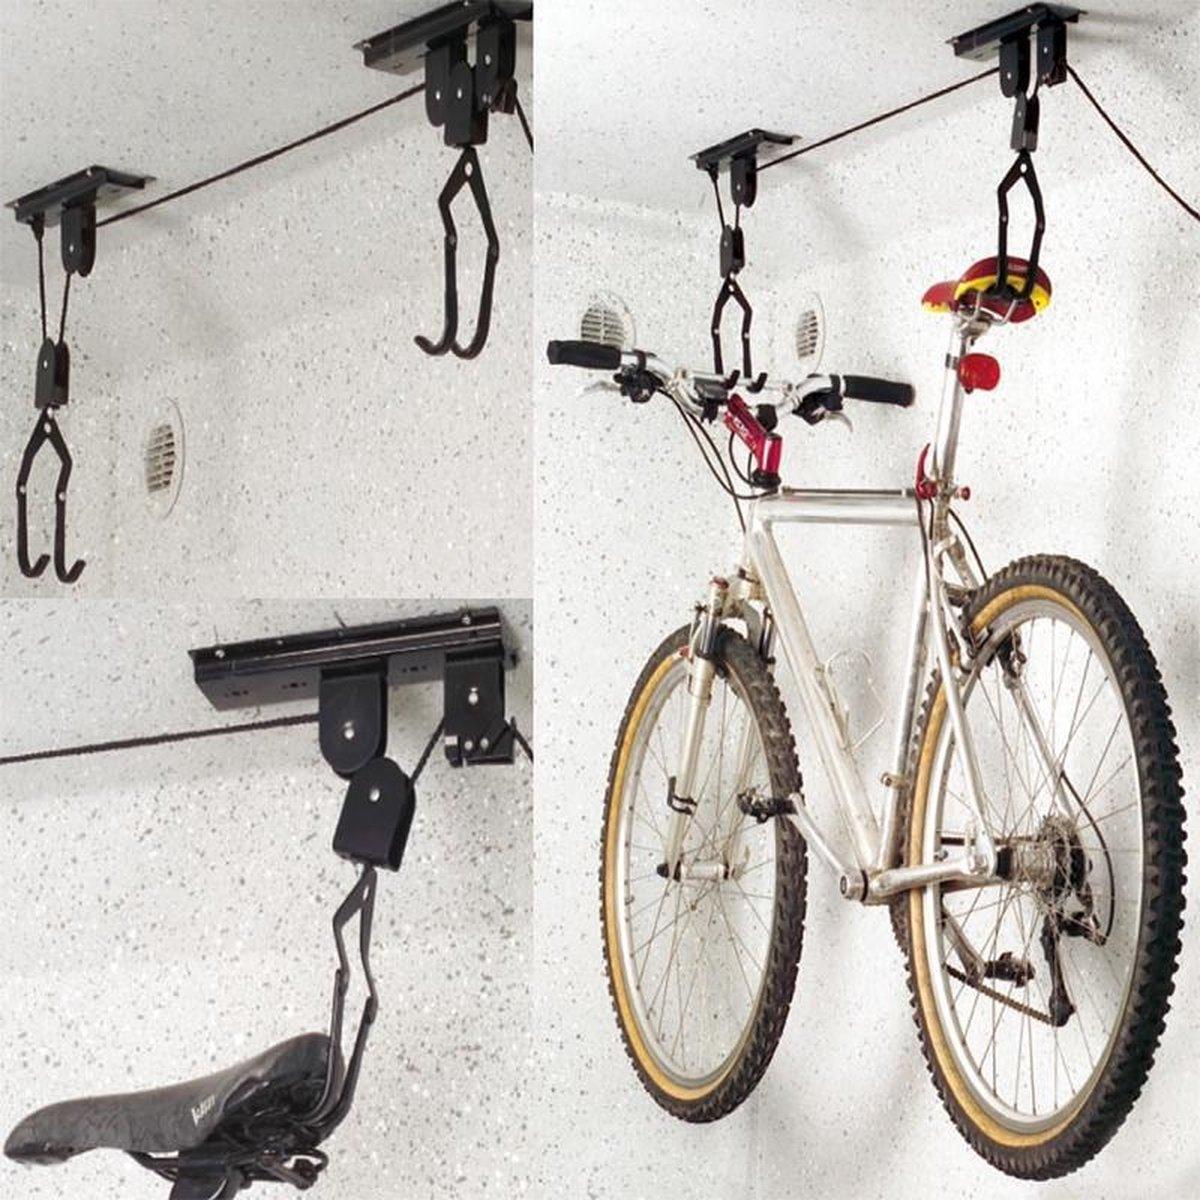 Proplus fietsophangsysteem - Fietslift - Fiets plafondhaken - Ophanghaken